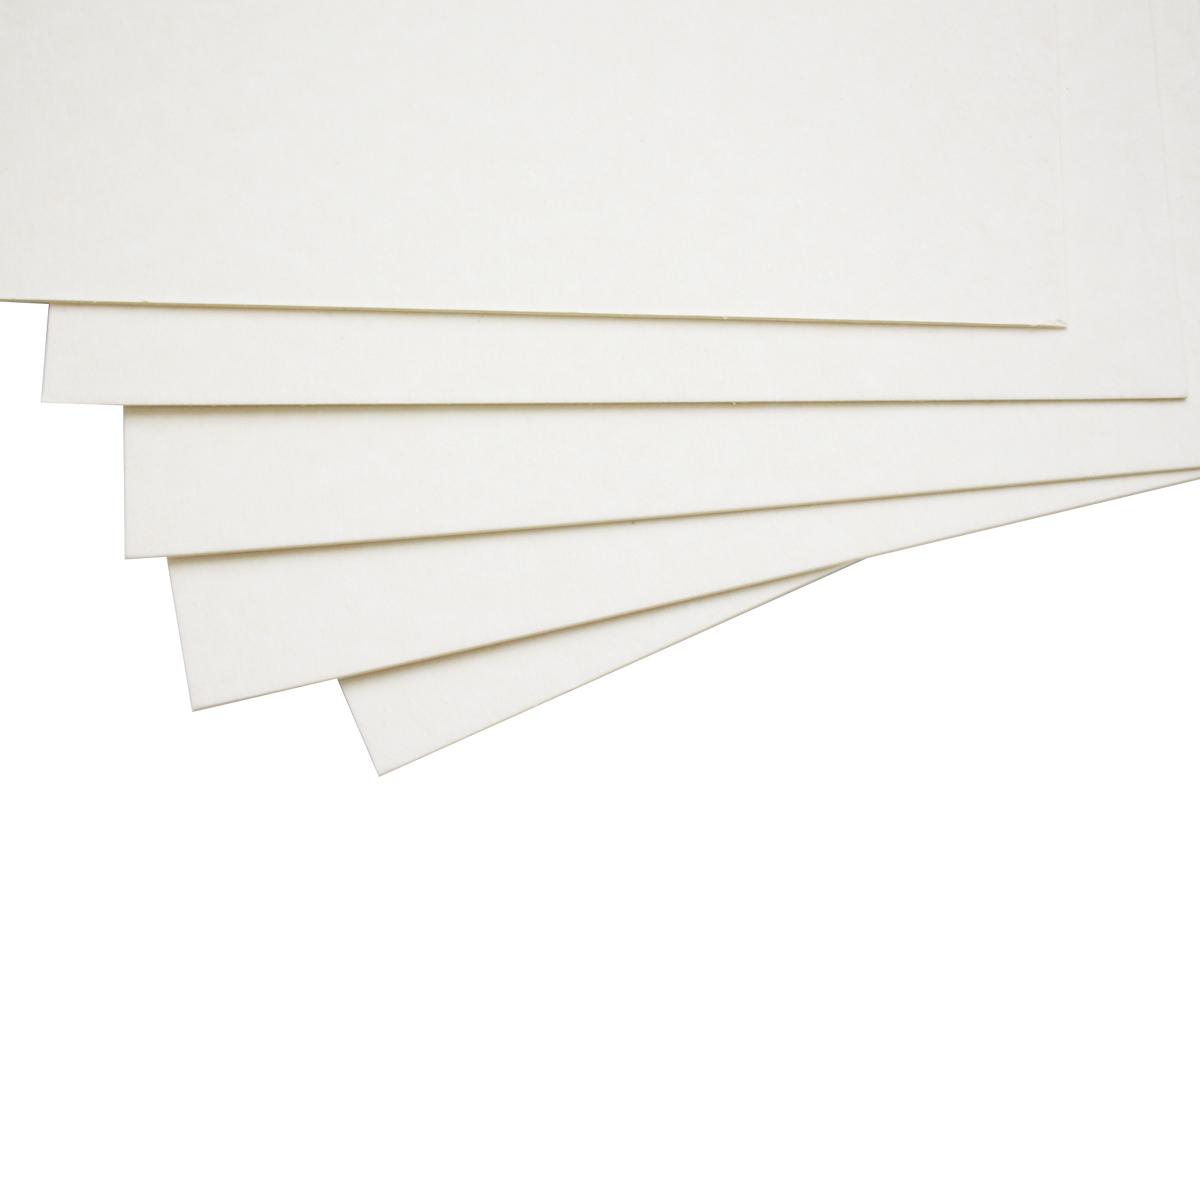 Картон пивной ЧипАрт, толщина 1 мм, 15 х 15 см, 5 листов582749Картон является незаменимой частью многих работ в скрапбукинге. Пивной картон состоит из множества тонких слоев и легко режется, поэтому прекрасно подойдет для изготовления страниц в альбомах.